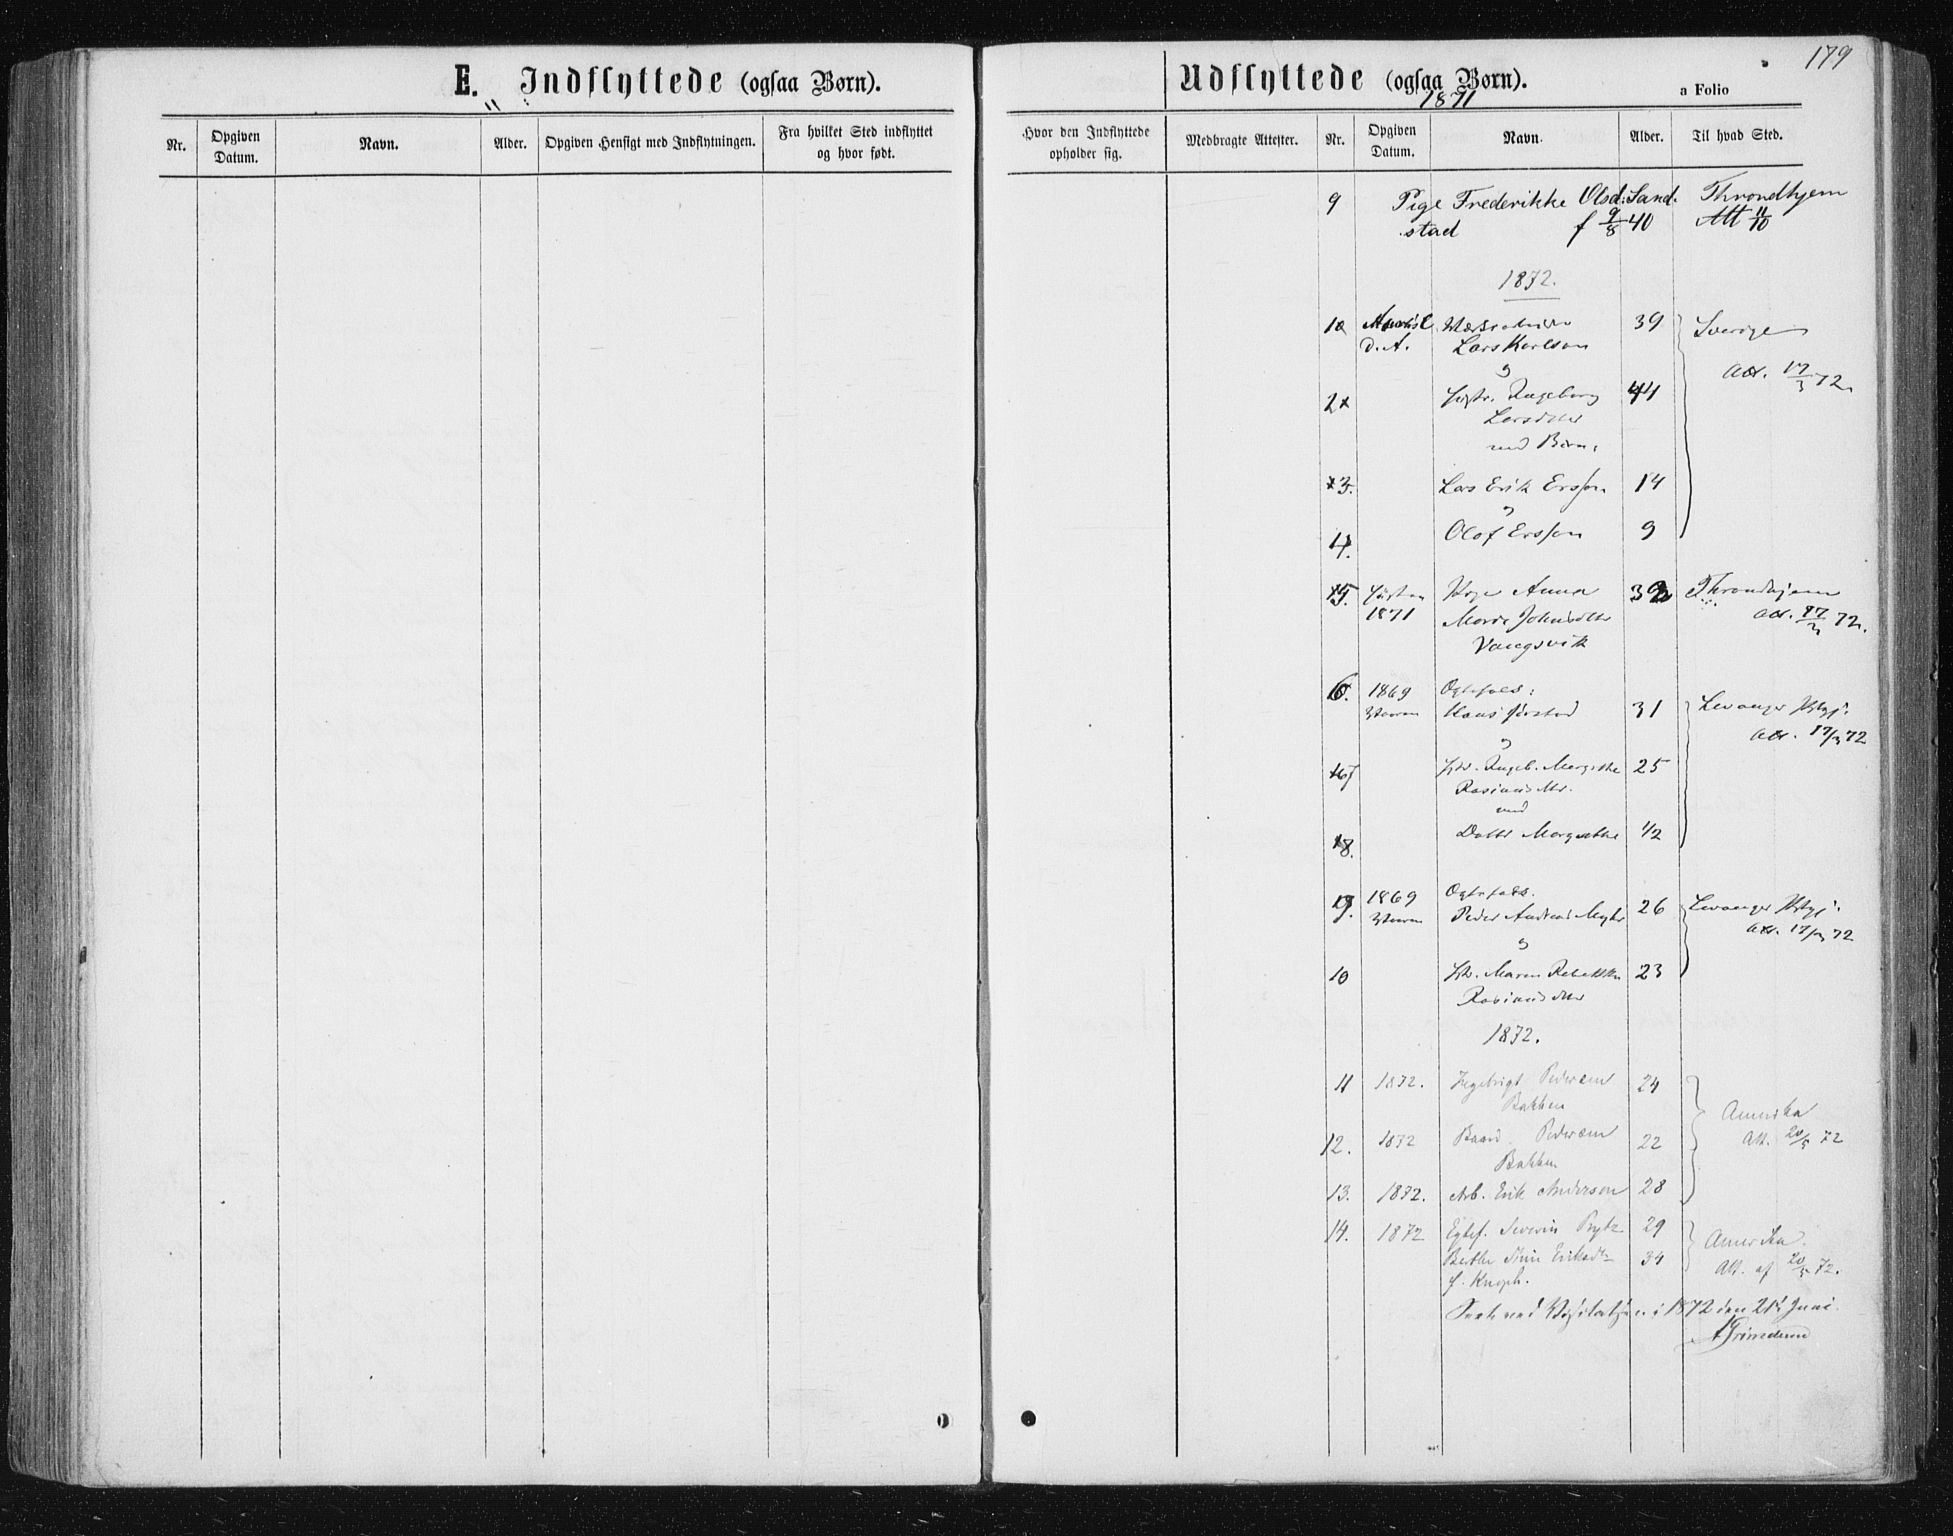 SAT, Ministerialprotokoller, klokkerbøker og fødselsregistre - Nord-Trøndelag, 722/L0219: Ministerialbok nr. 722A06, 1868-1880, s. 179